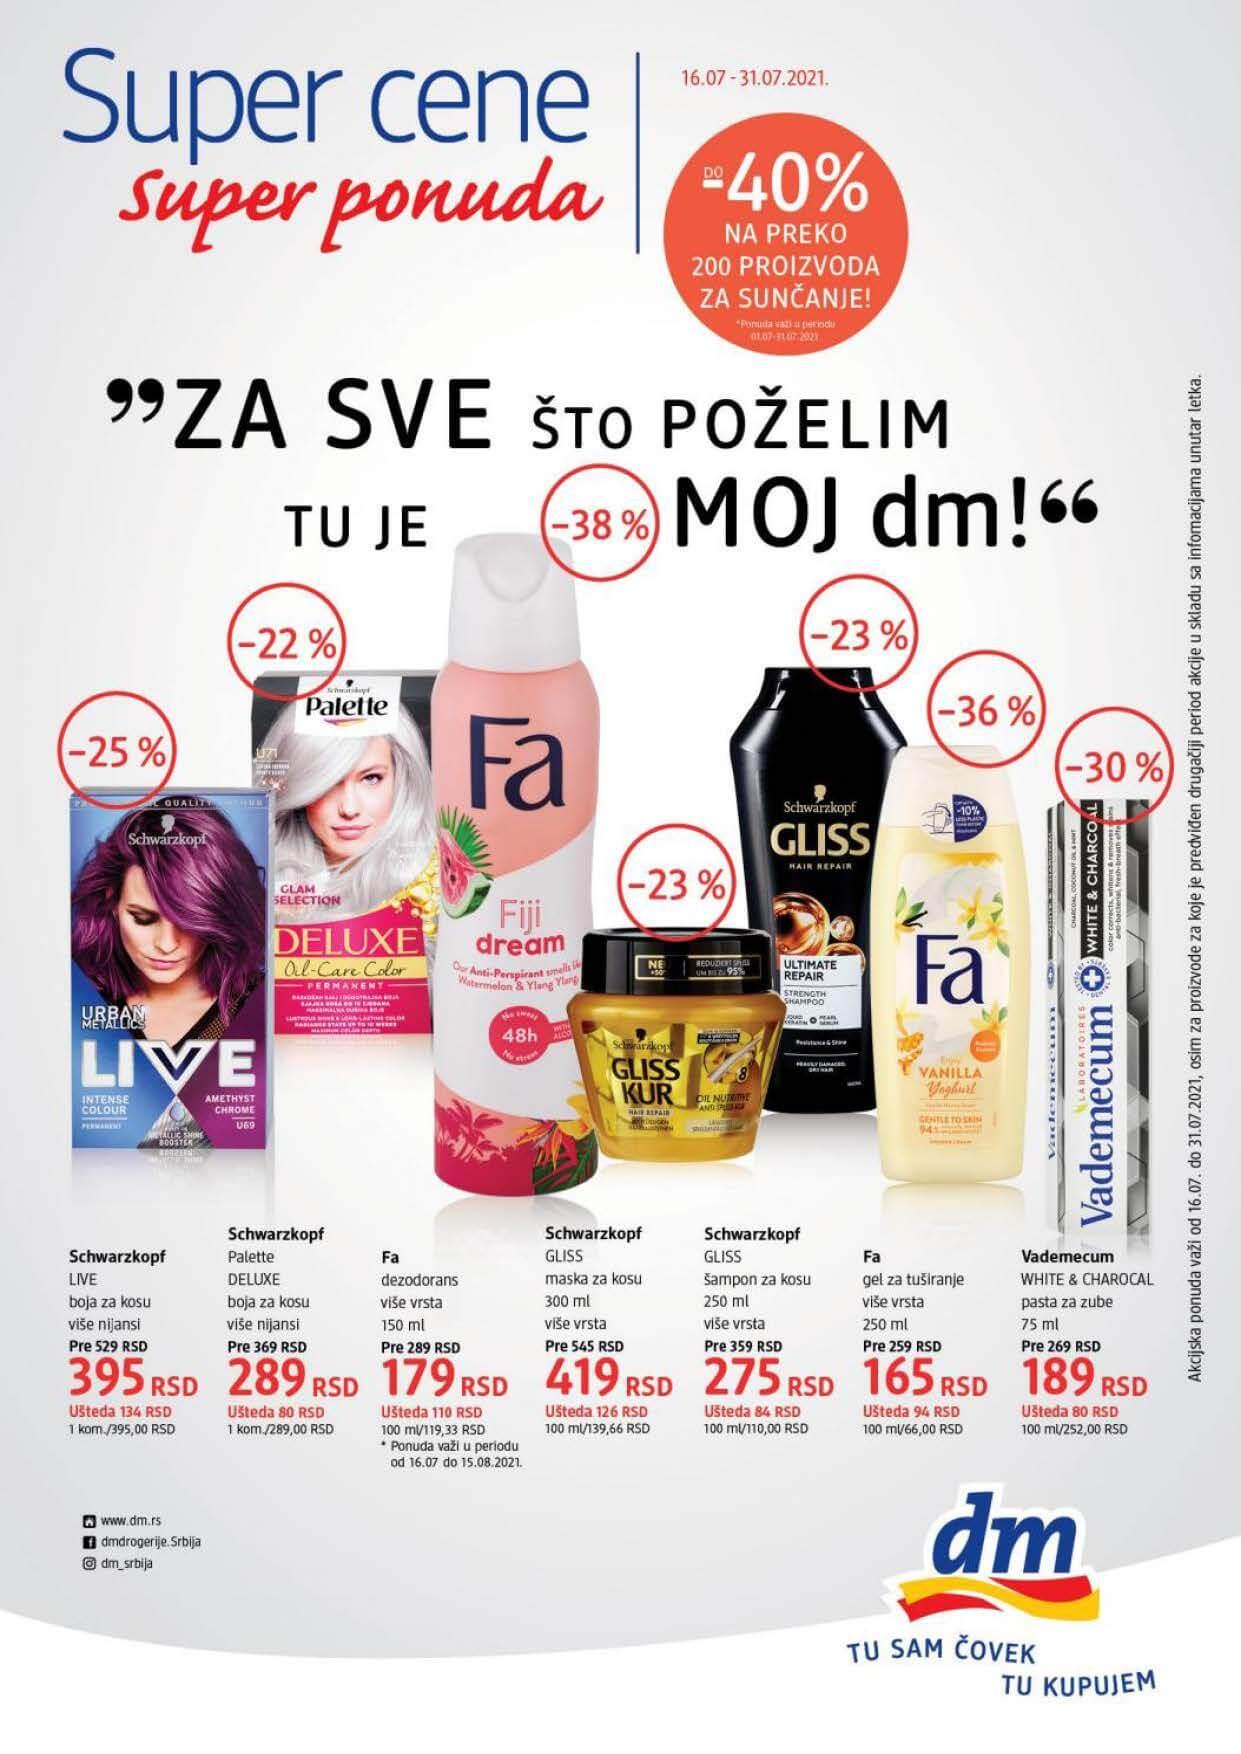 DM Katalog Srbija Super cene Super ponuda JUL 2021 16.7.2021. 31.7.2021. Page 1 1